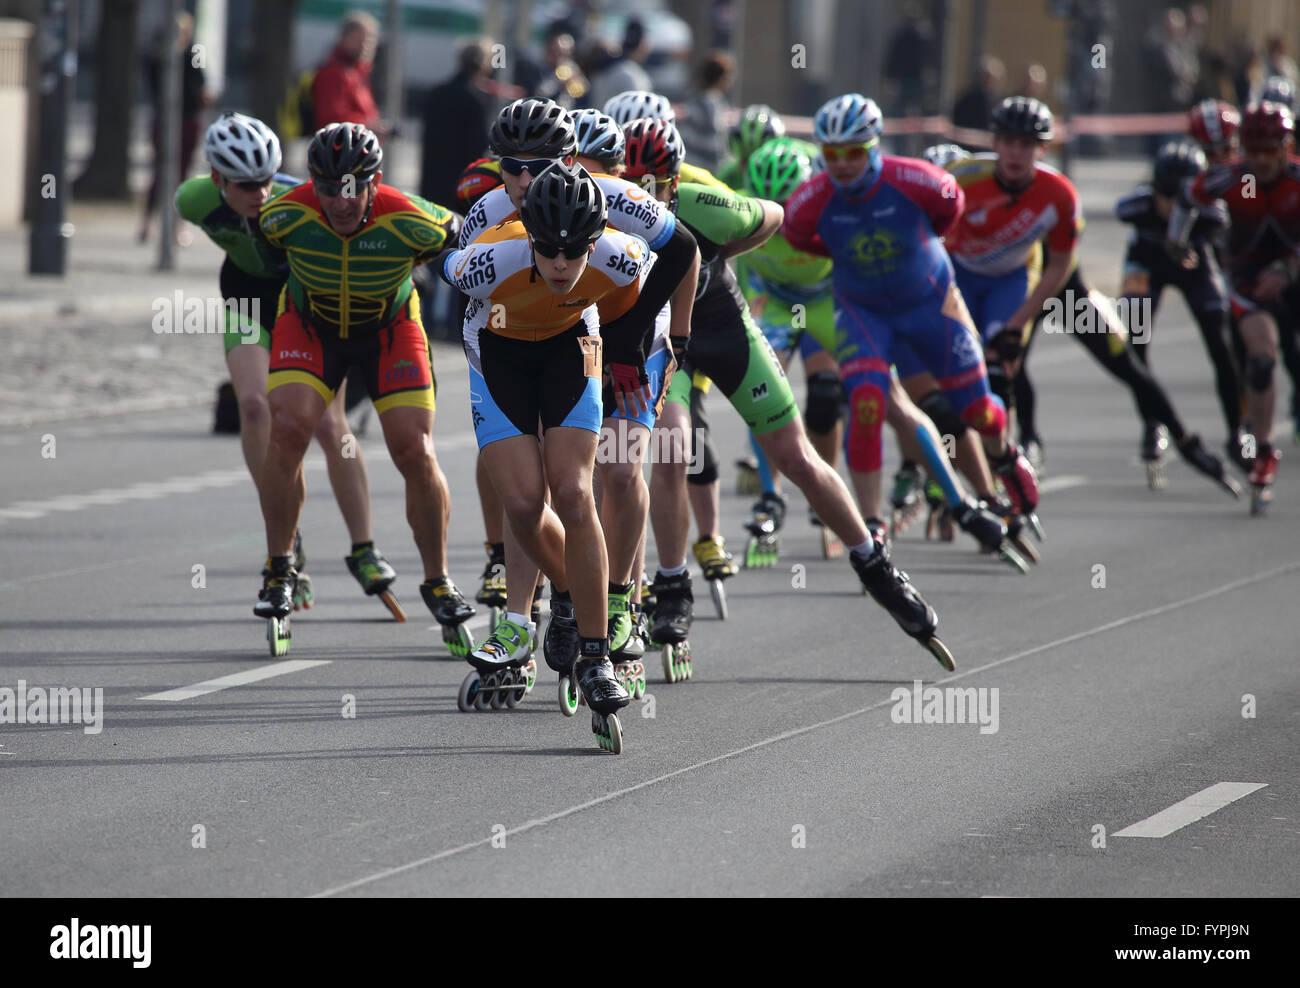 Gran grupo de patinadores en línea competir en el medio maratón de Berlín 2016 Foto de stock